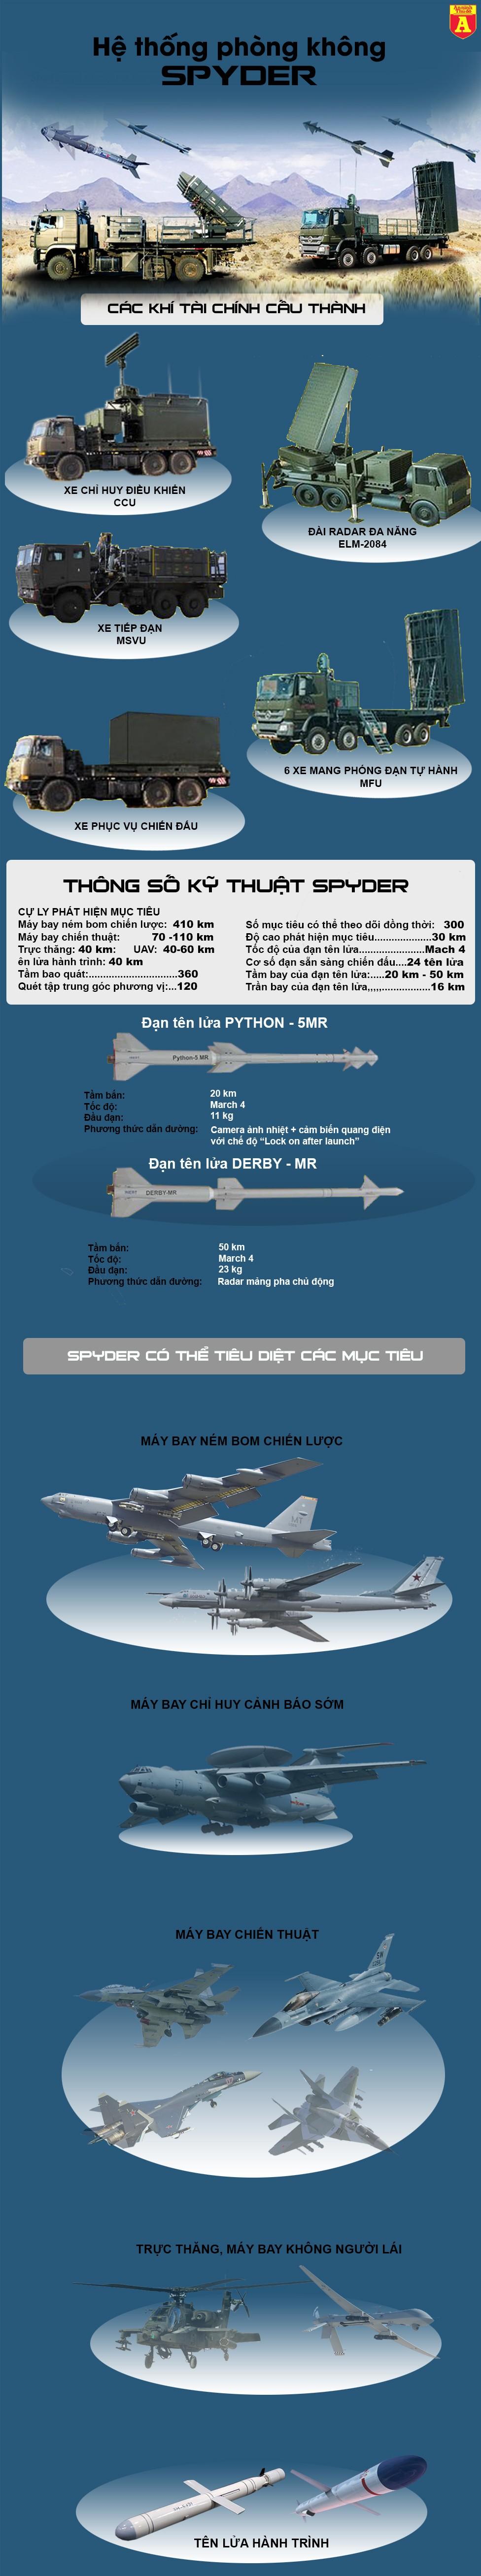 [Info] Việt Nam lần đầu tiên công khai hệ thống tên lửa phòng không sát thủ từ Israel ảnh 3